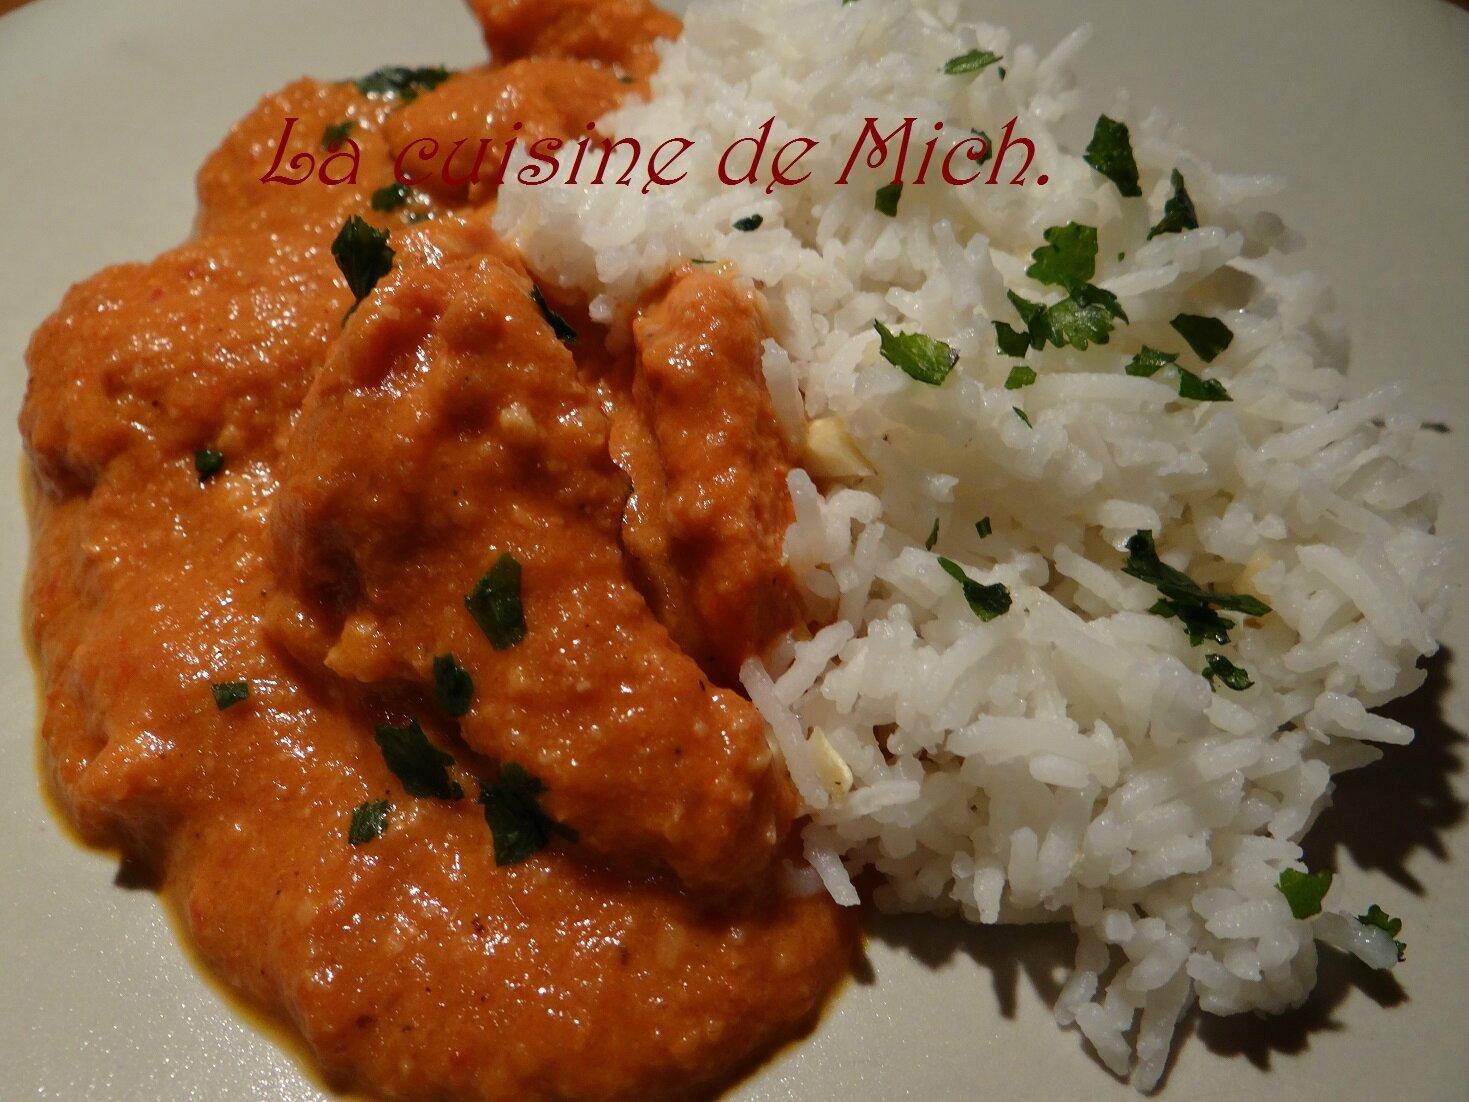 Poulet indien ou butter chicken la cuisine de mich - Herve cuisine butter chicken ...